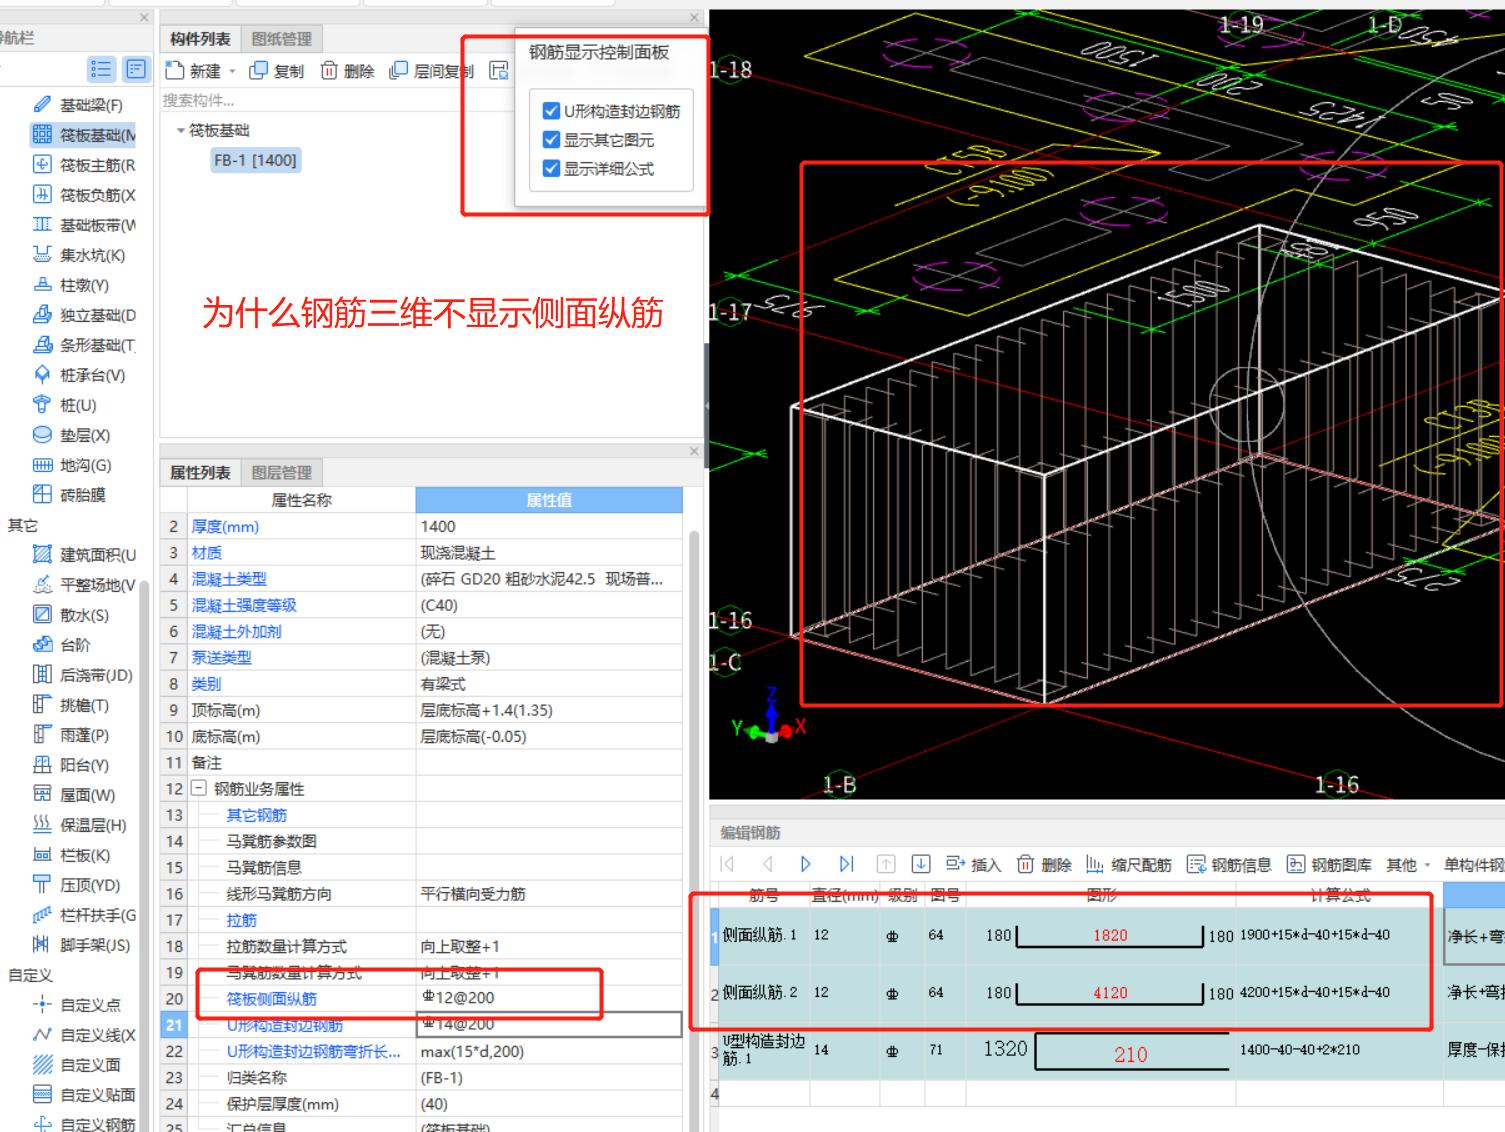 土建,土建计量GTJ,广西壮族自治区,答疑:GTJ2021筏板构件,为什么钢筋三维不显示侧面纵筋,明明已经设置了-广西壮族自治区土建,土建计量GTJ,